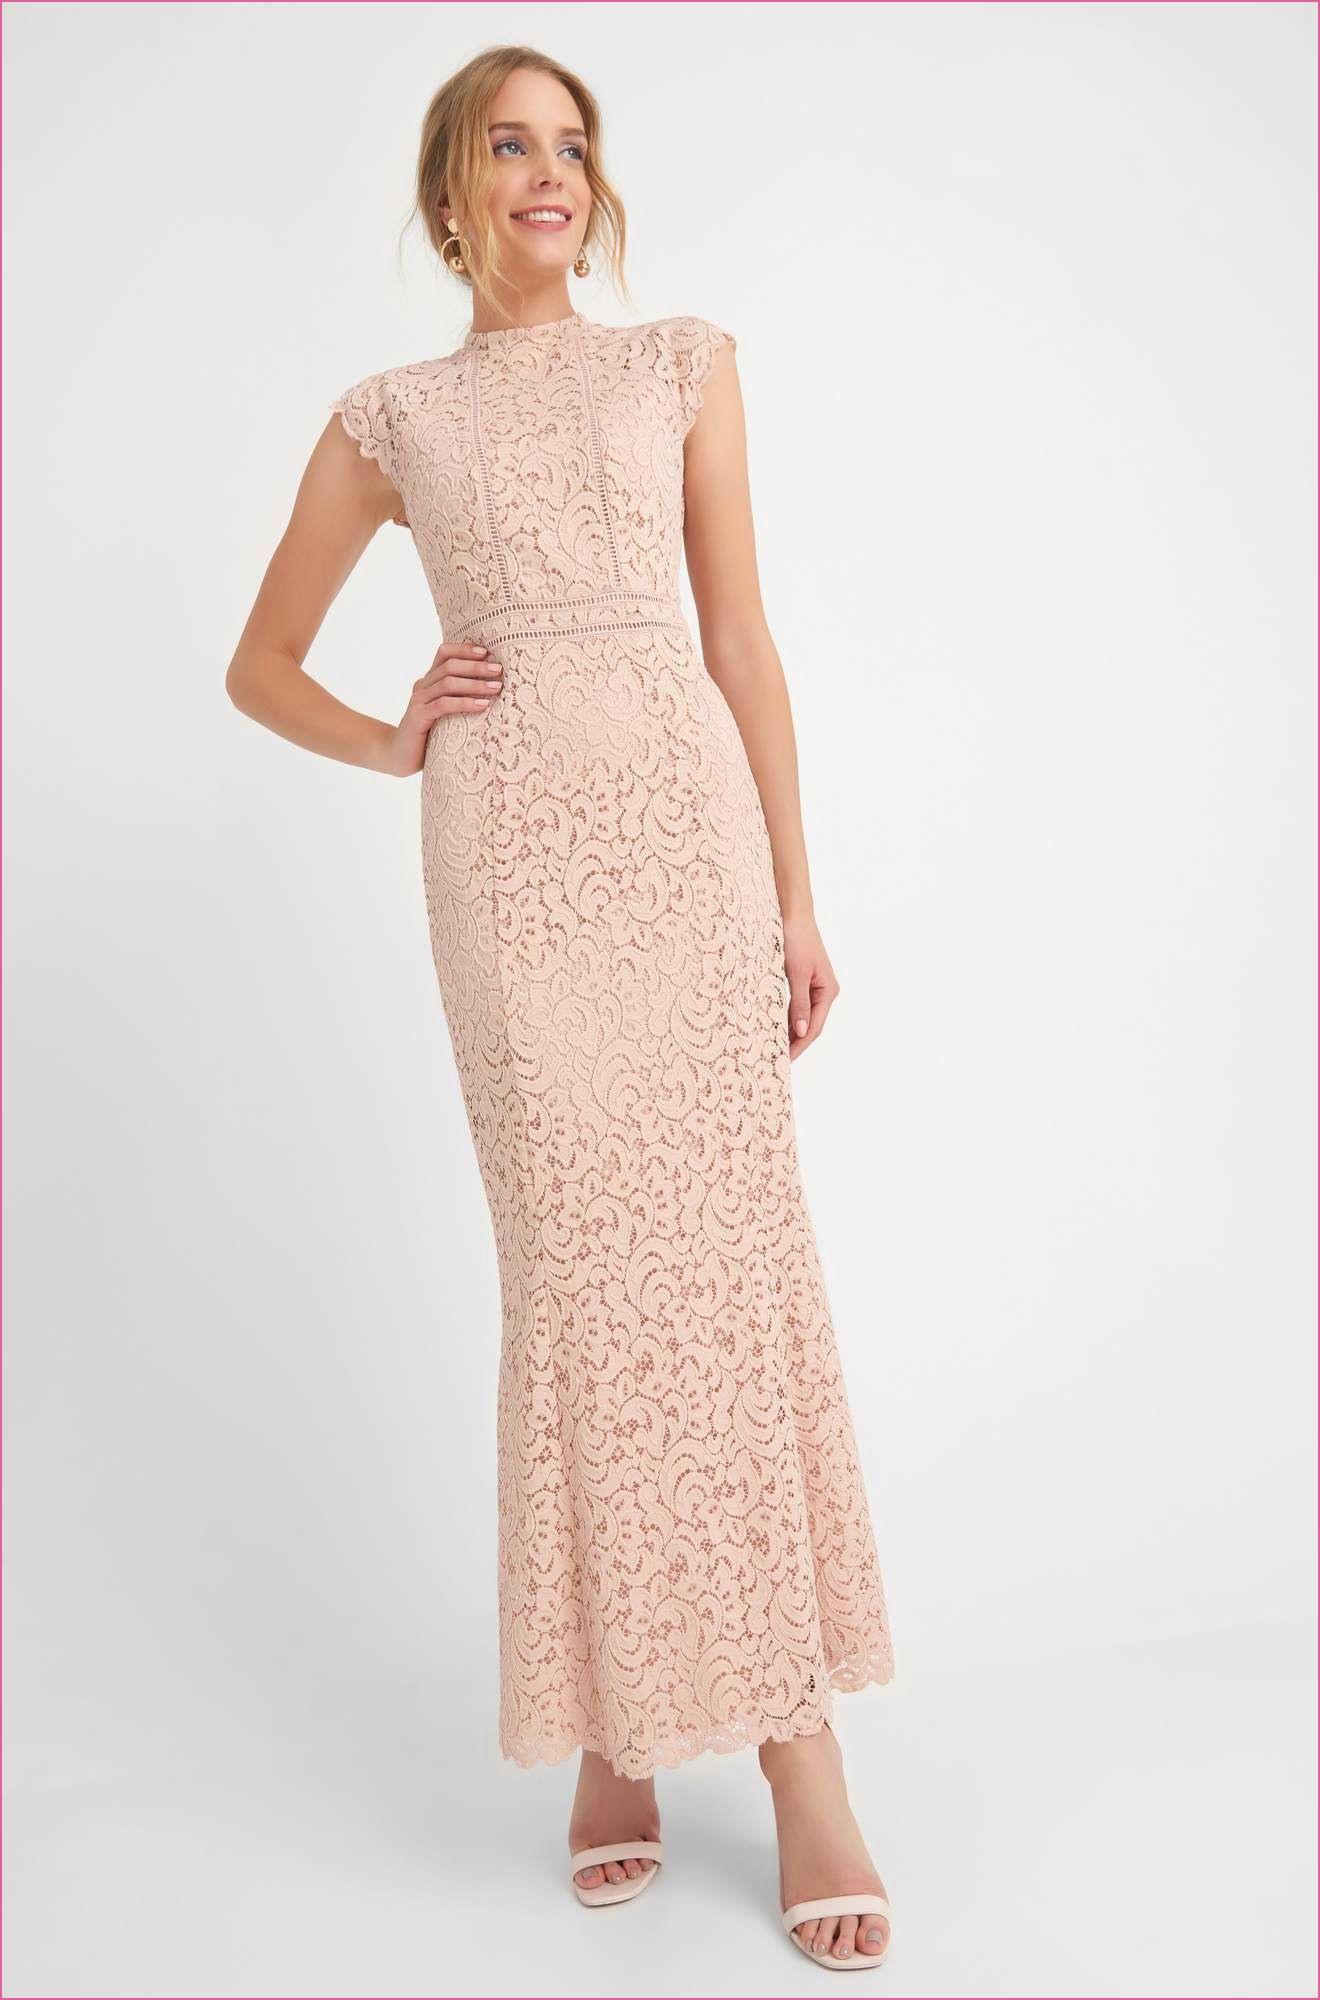 Formal Leicht Orsay Abend Kleider Galerie - Abendkleid